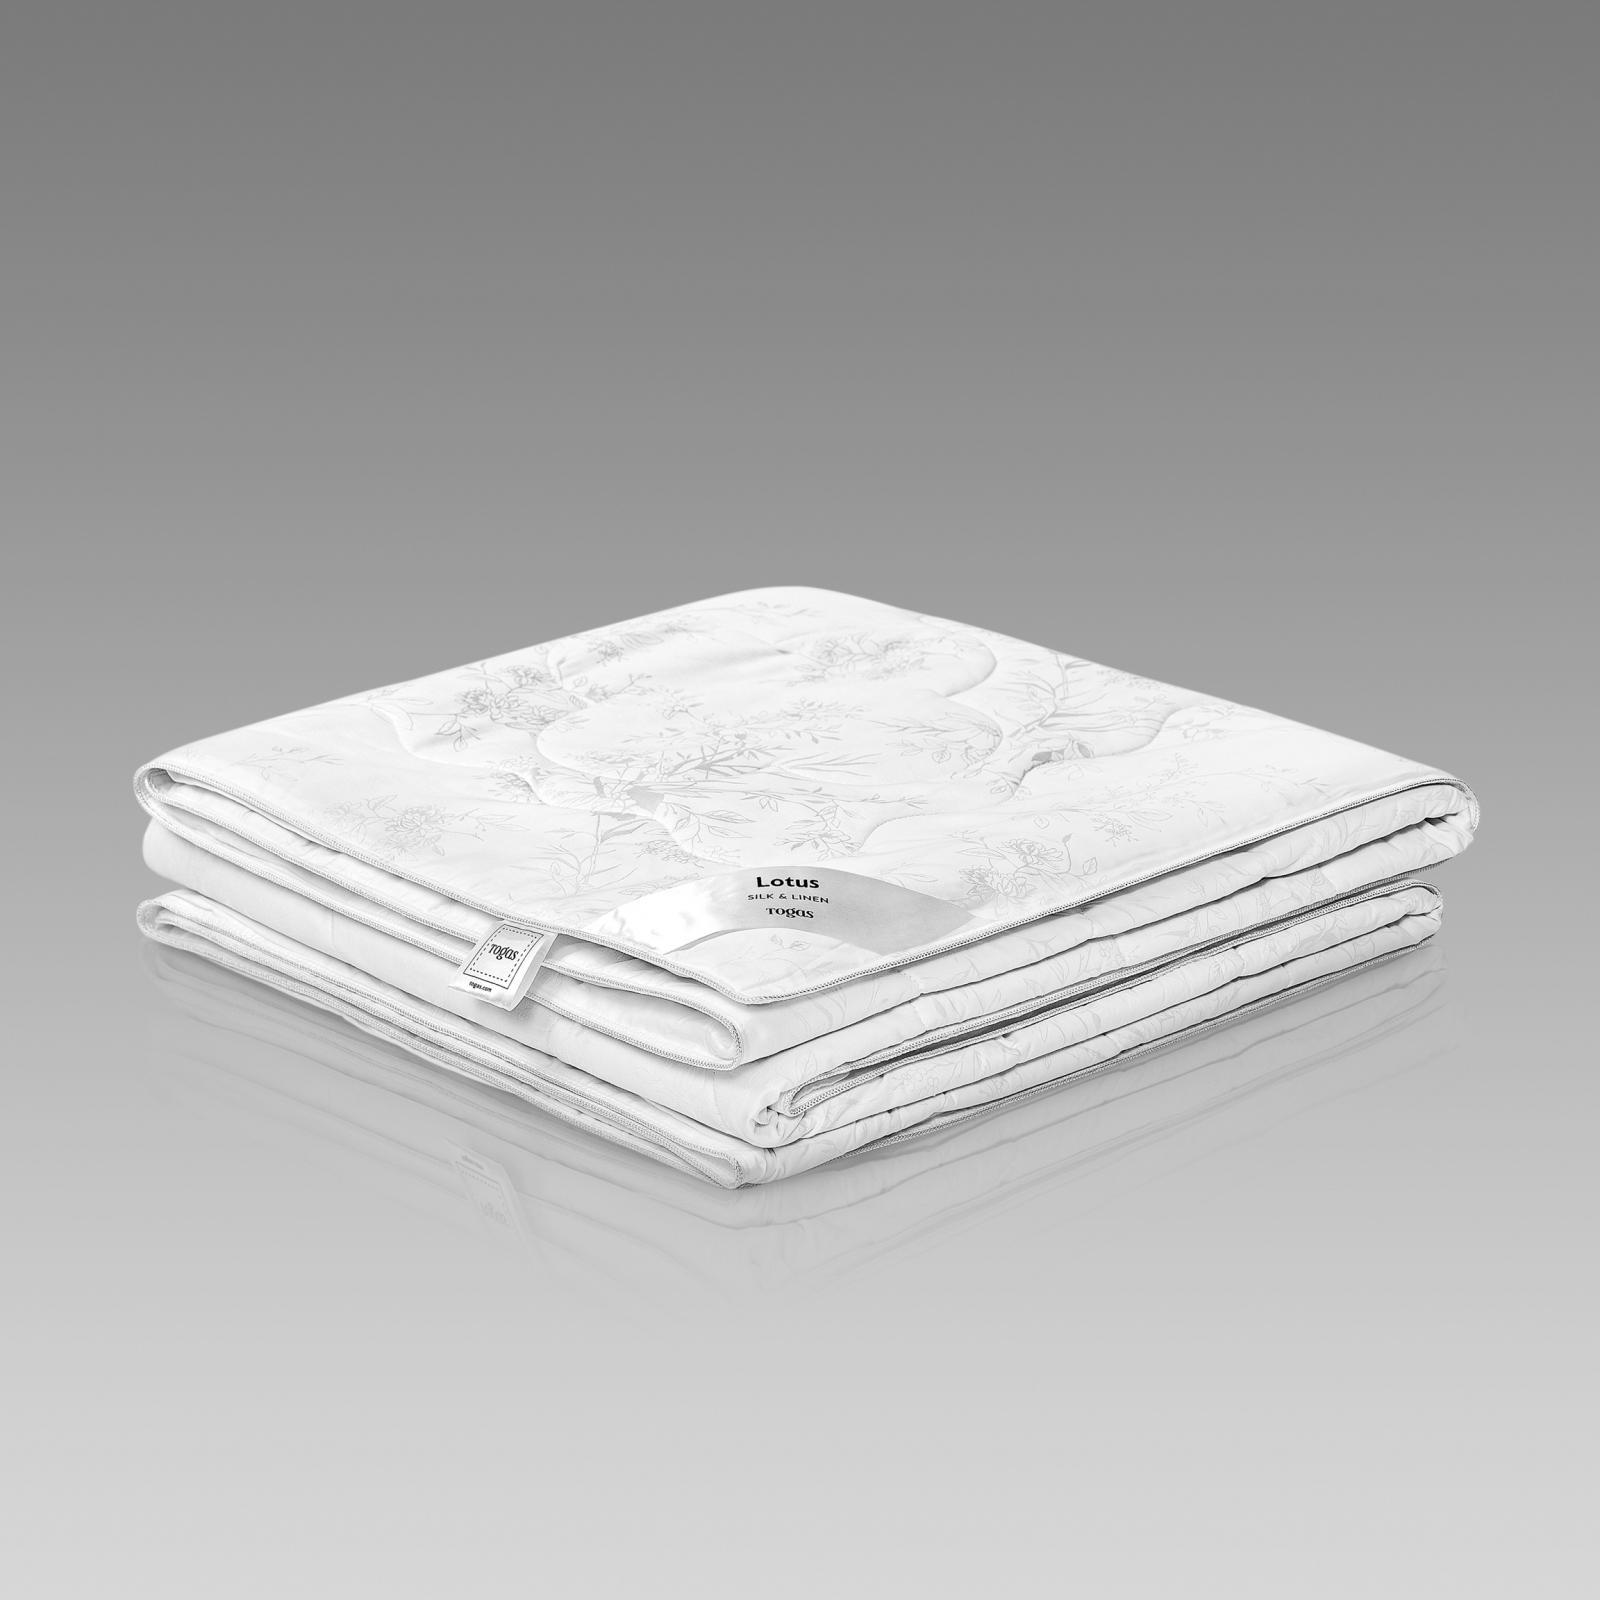 Одеяло Togas лотос 20.04.29.0003